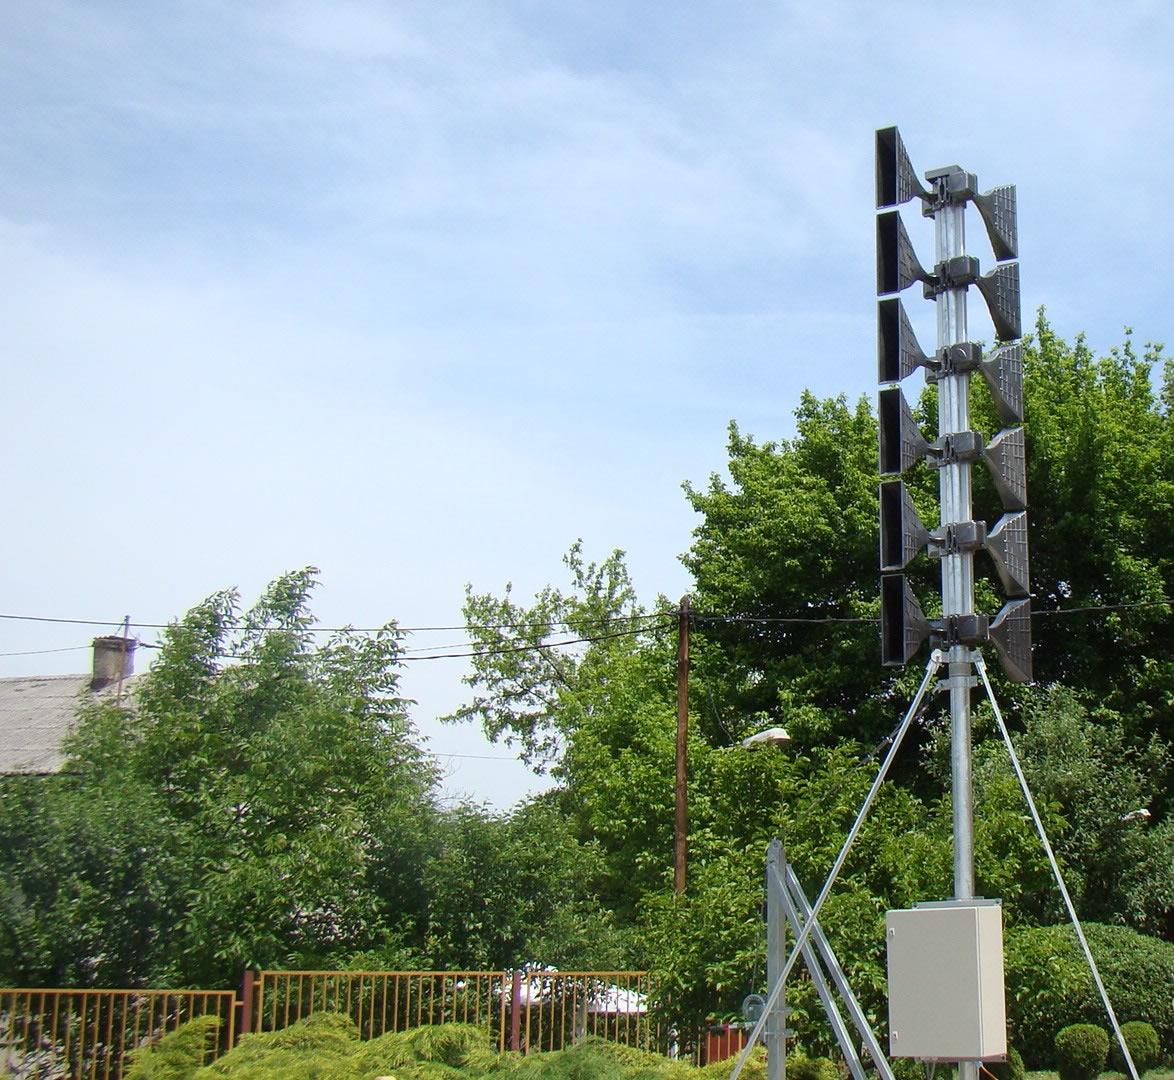 BOSNIA-electroni-sirens-comtel